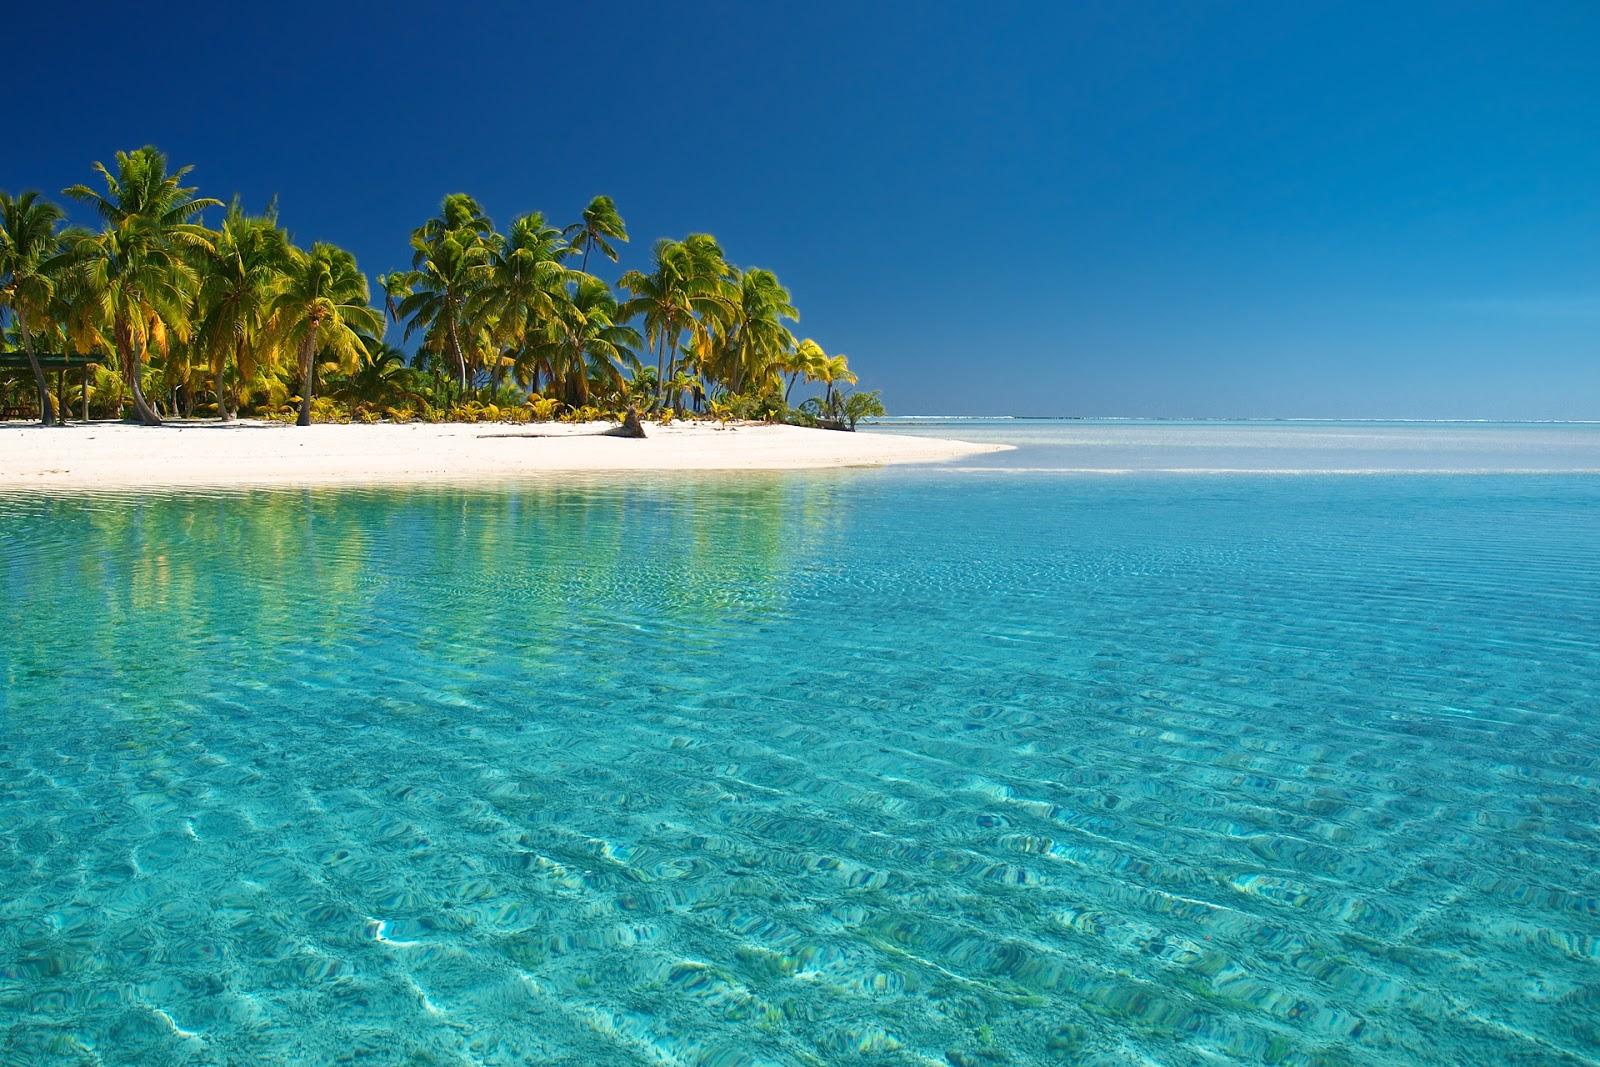 Imágenes de Playas HD: Playa Paradisiaca Wallpapers